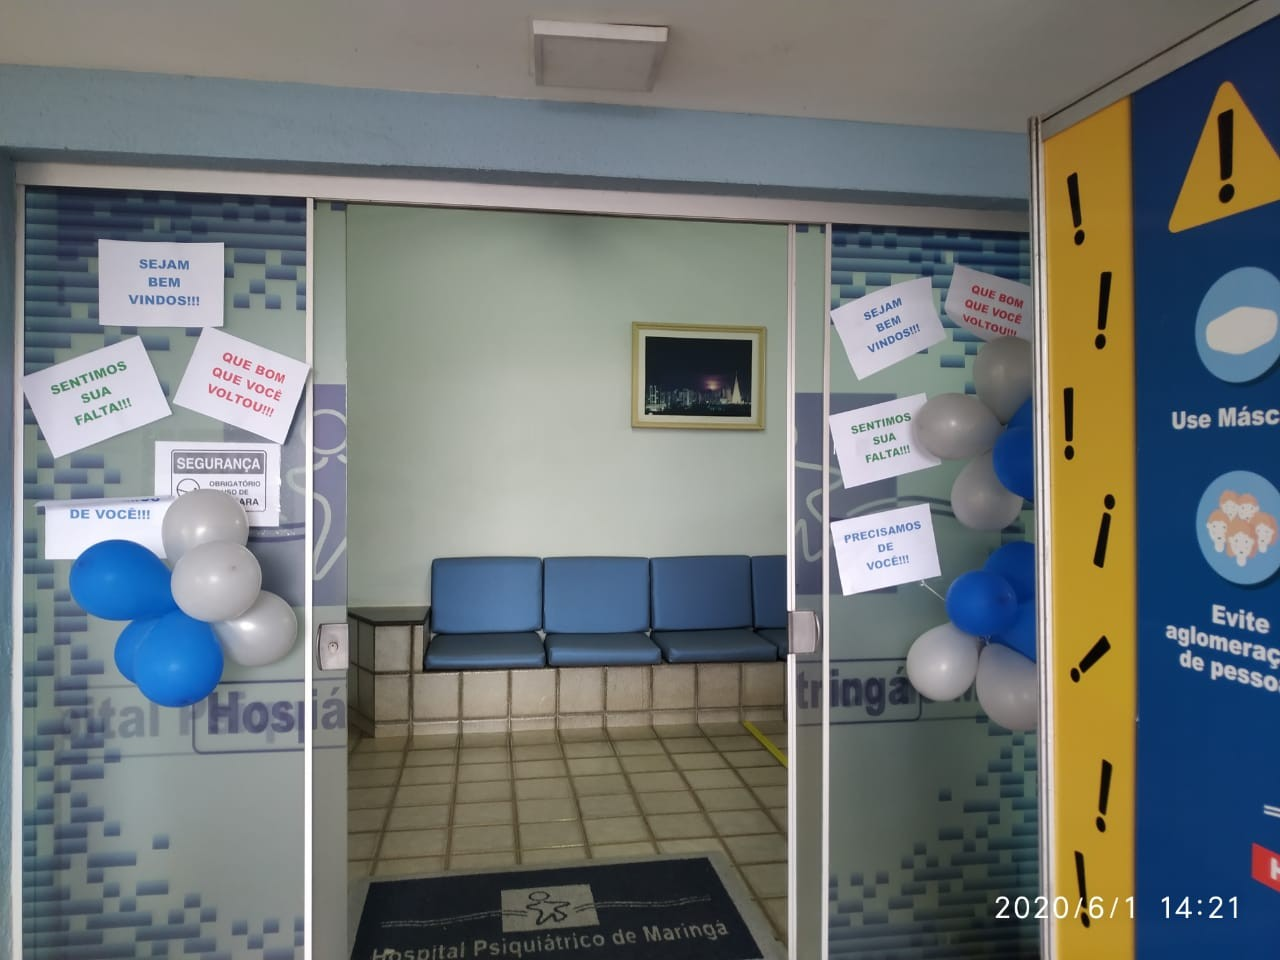 foto: divulgação/Hospital Psiquiátrico de Maringá